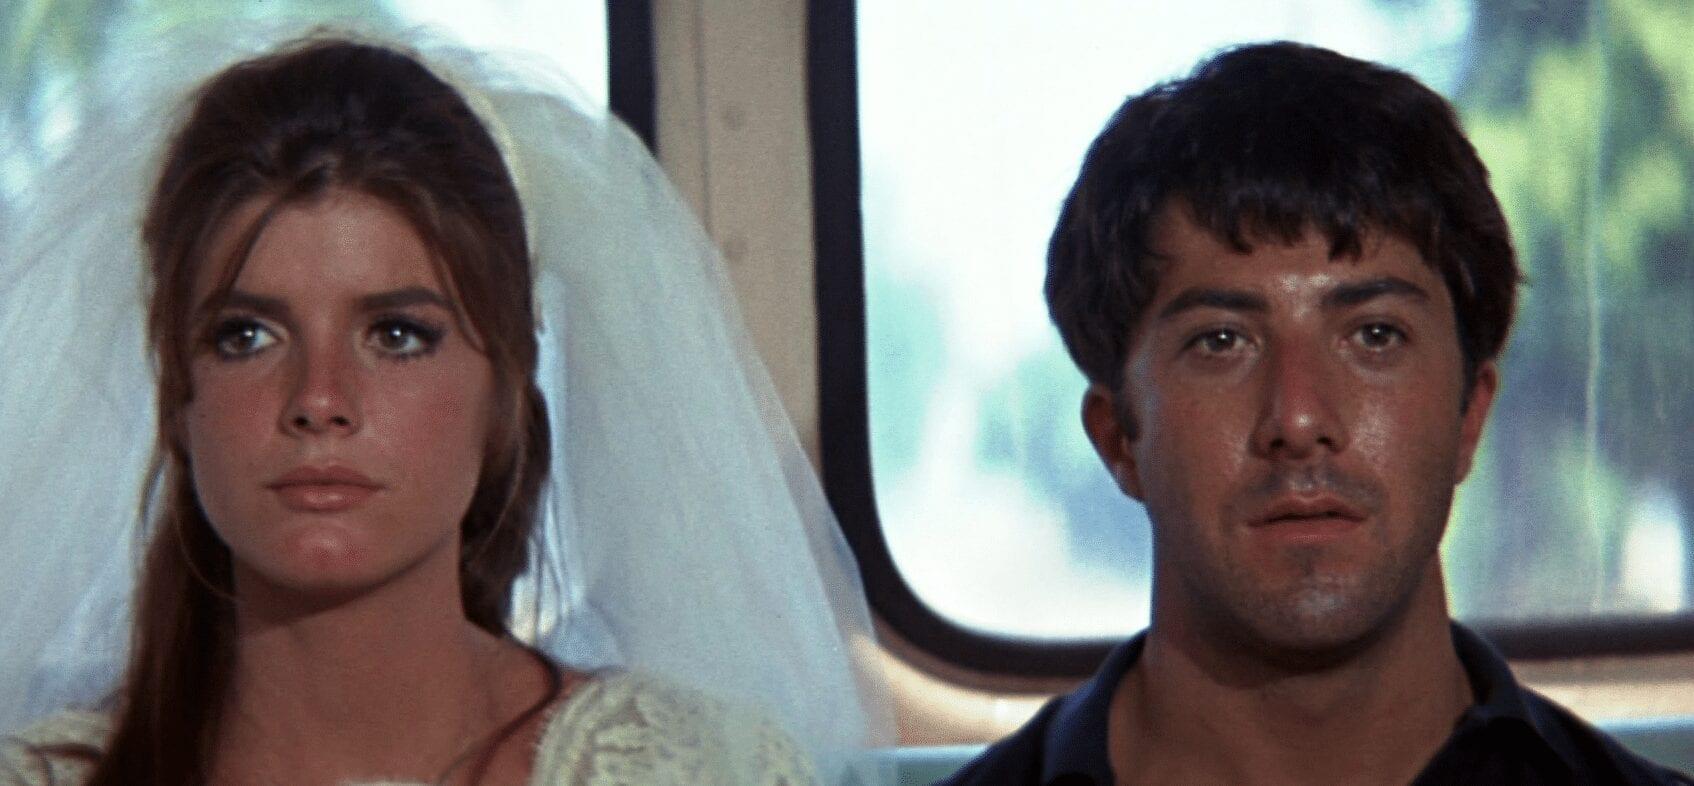 Movie Monday: The Graduate